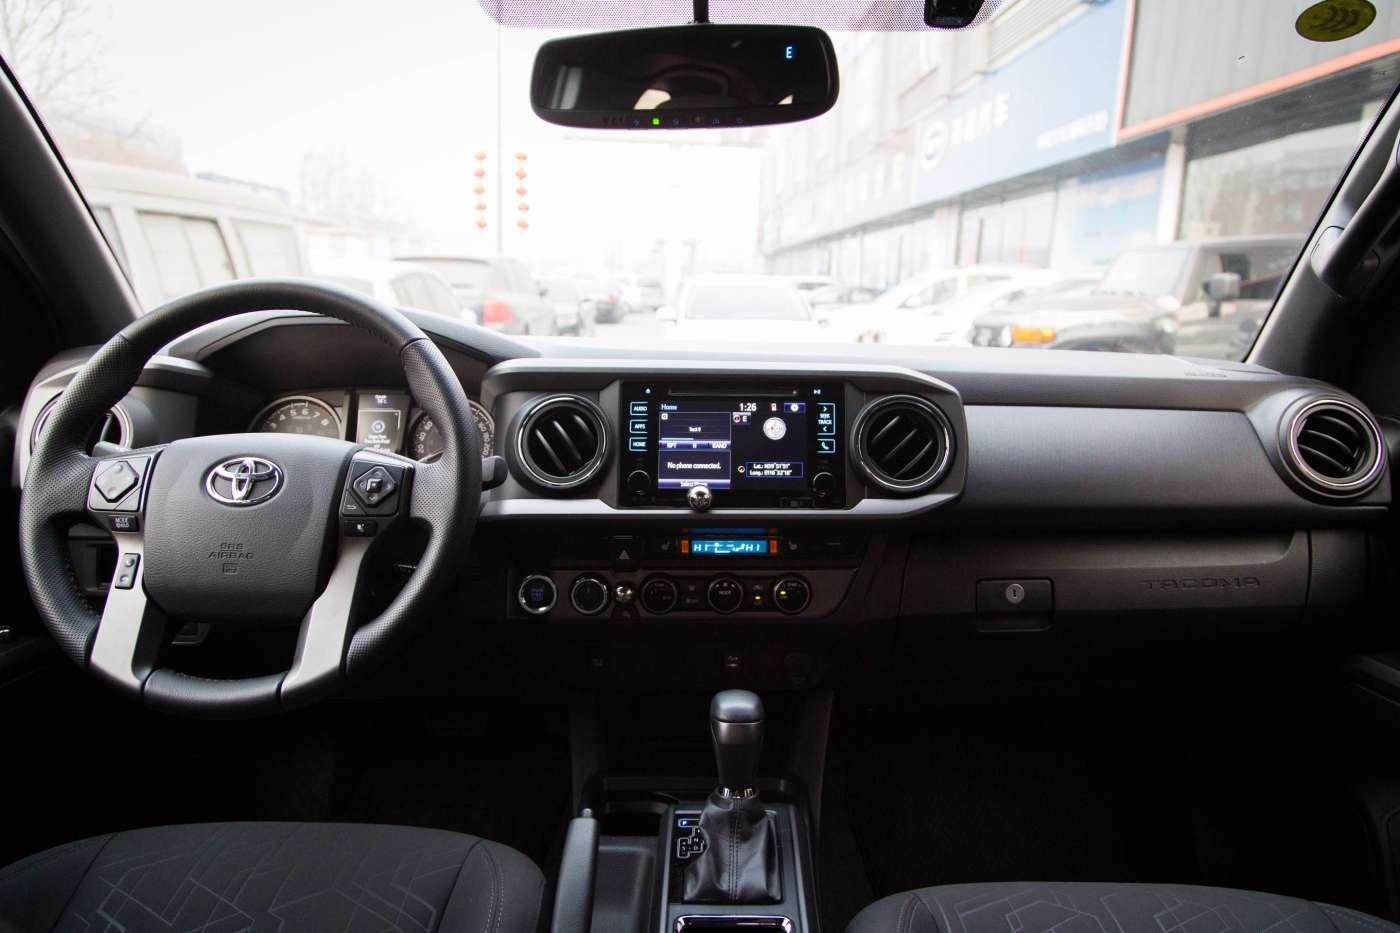 2017年08月 丰田 2016款 Tacoma 3.5L四驱美规SR5版|进口丰田-北京卡斯基汽车服务有限公司